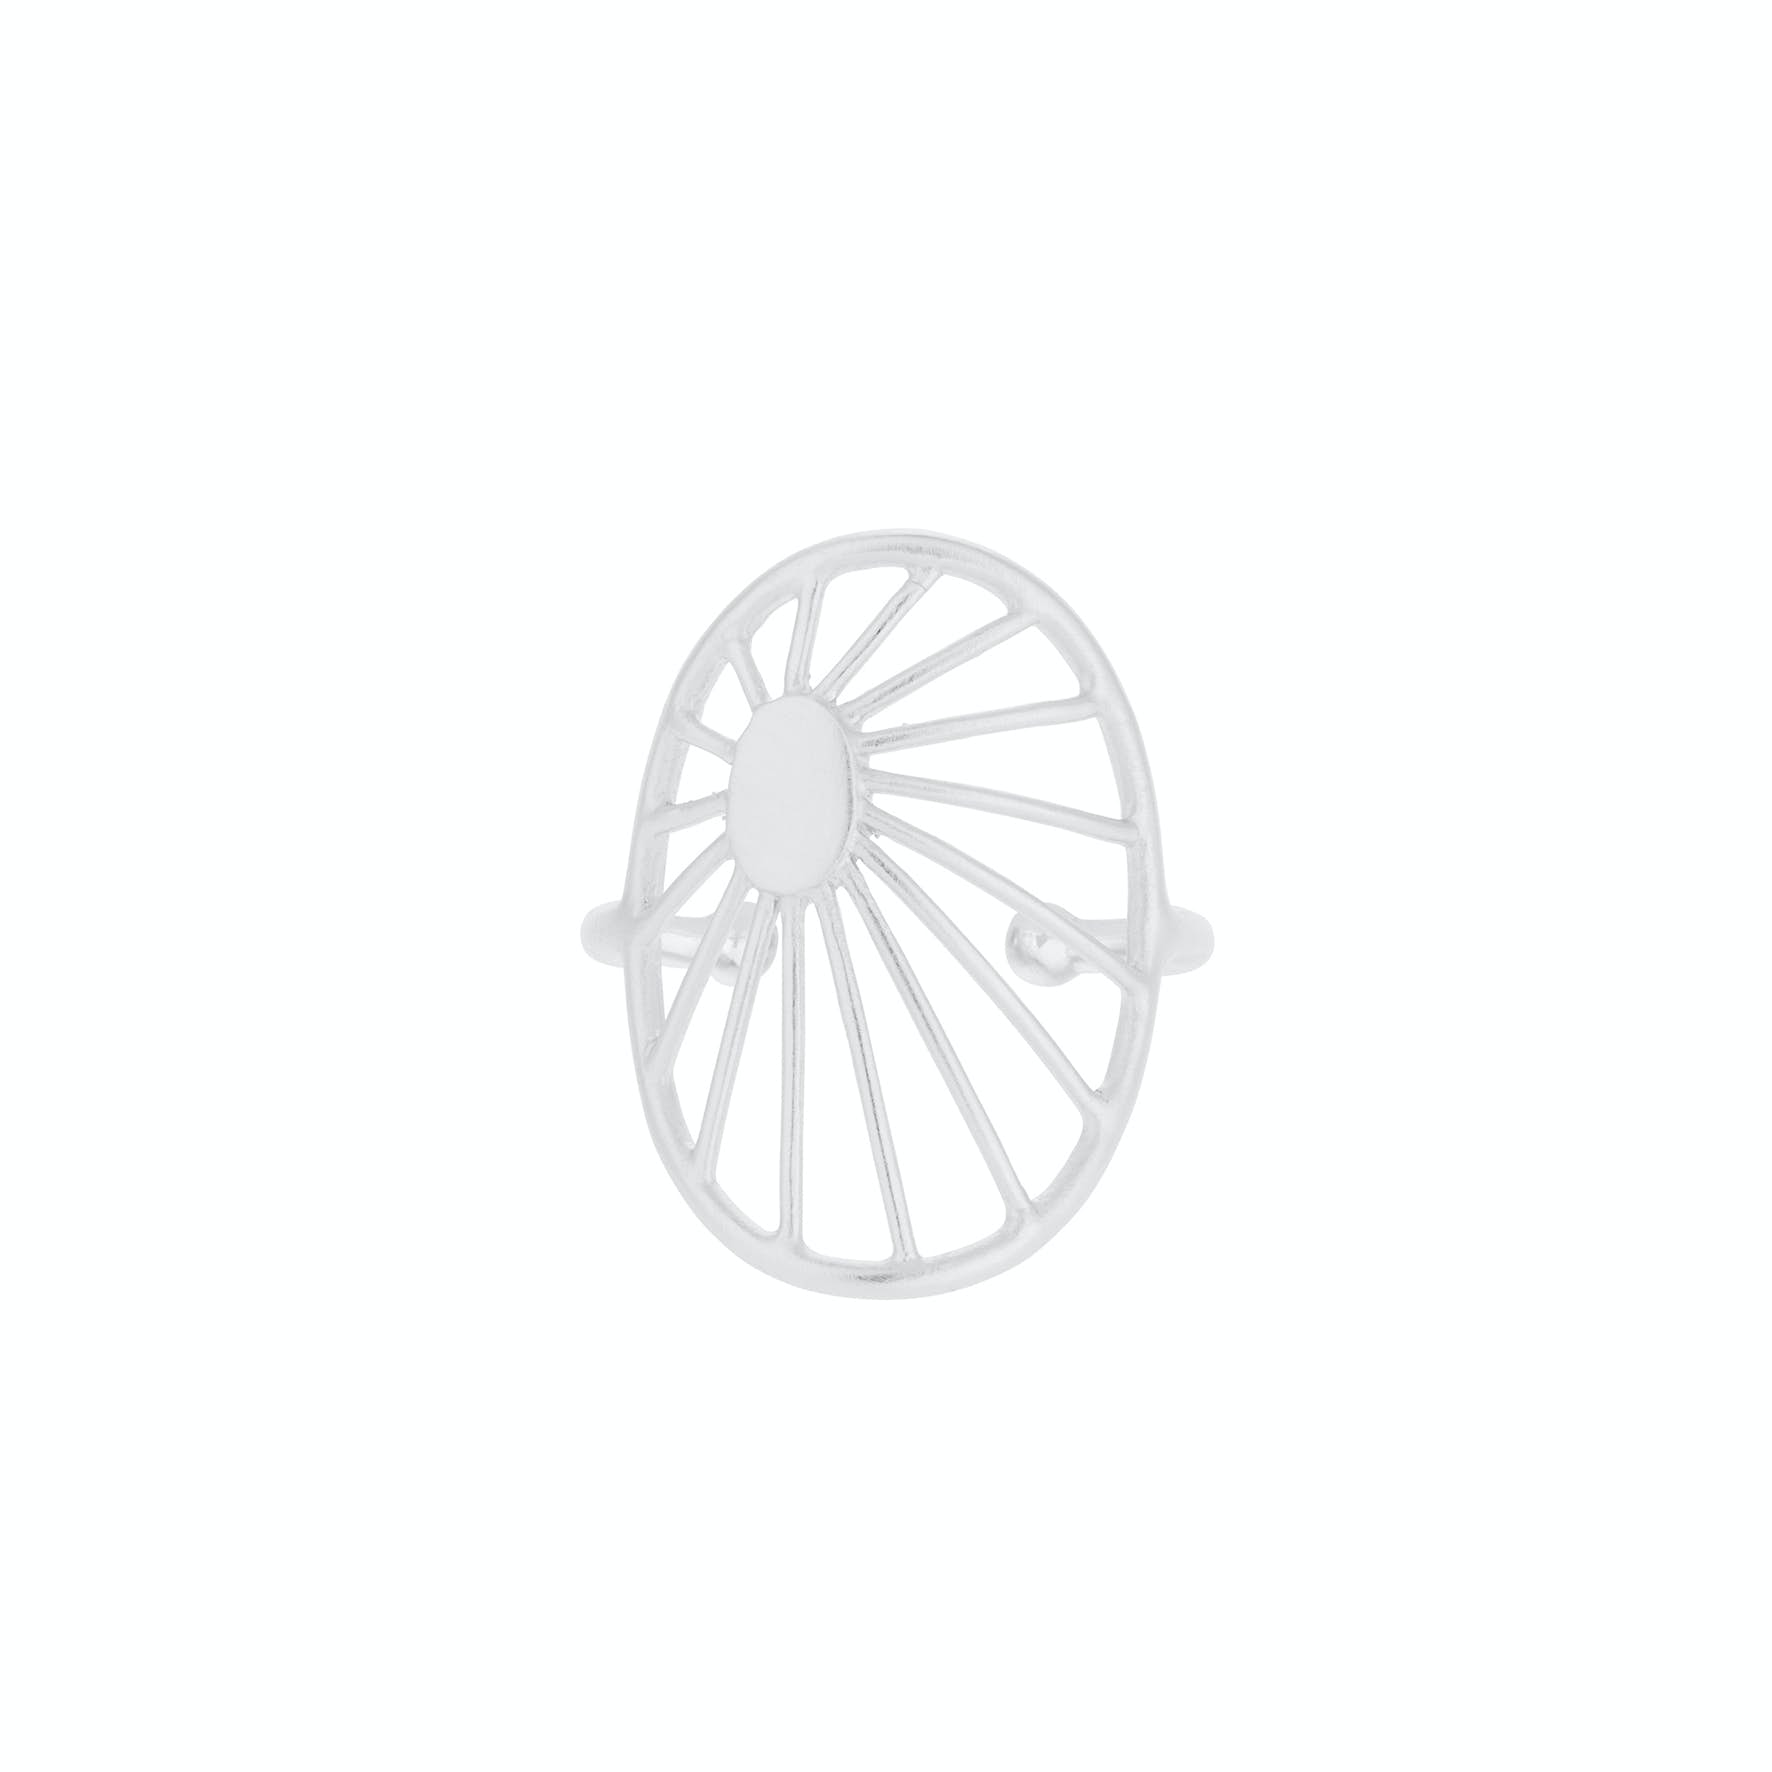 Daydream Ring fra Pernille Corydon i Sølv Sterling 925